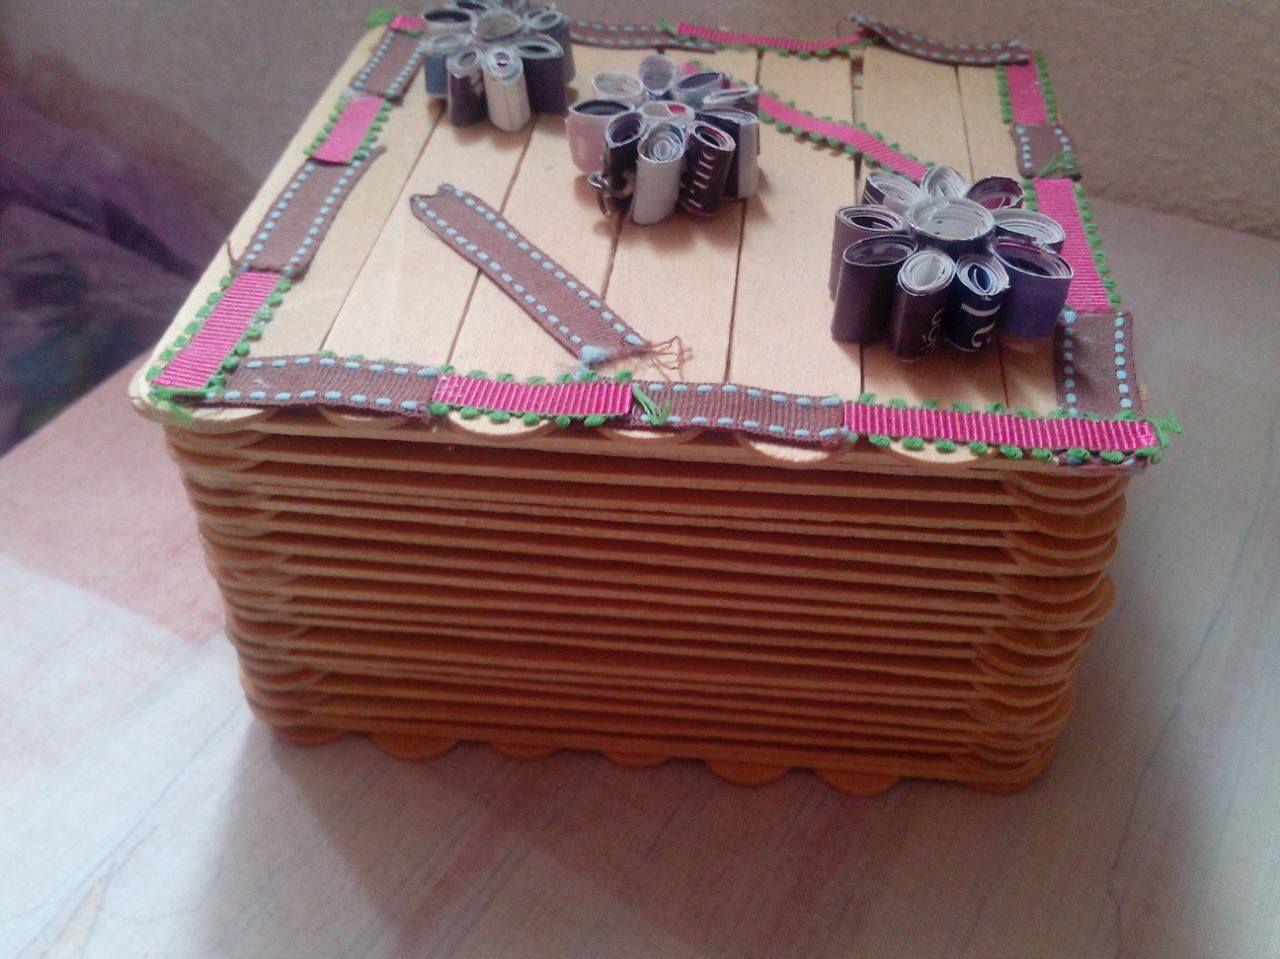 Handmade 2 en 1: Cajita para guardar aretes hecha con abatelenguas y  silicòn frio. Decoraciòn: Flores hechas con pàginas de rev… (con imágenes)  | Abatelenguas, Proyectos, Revistas